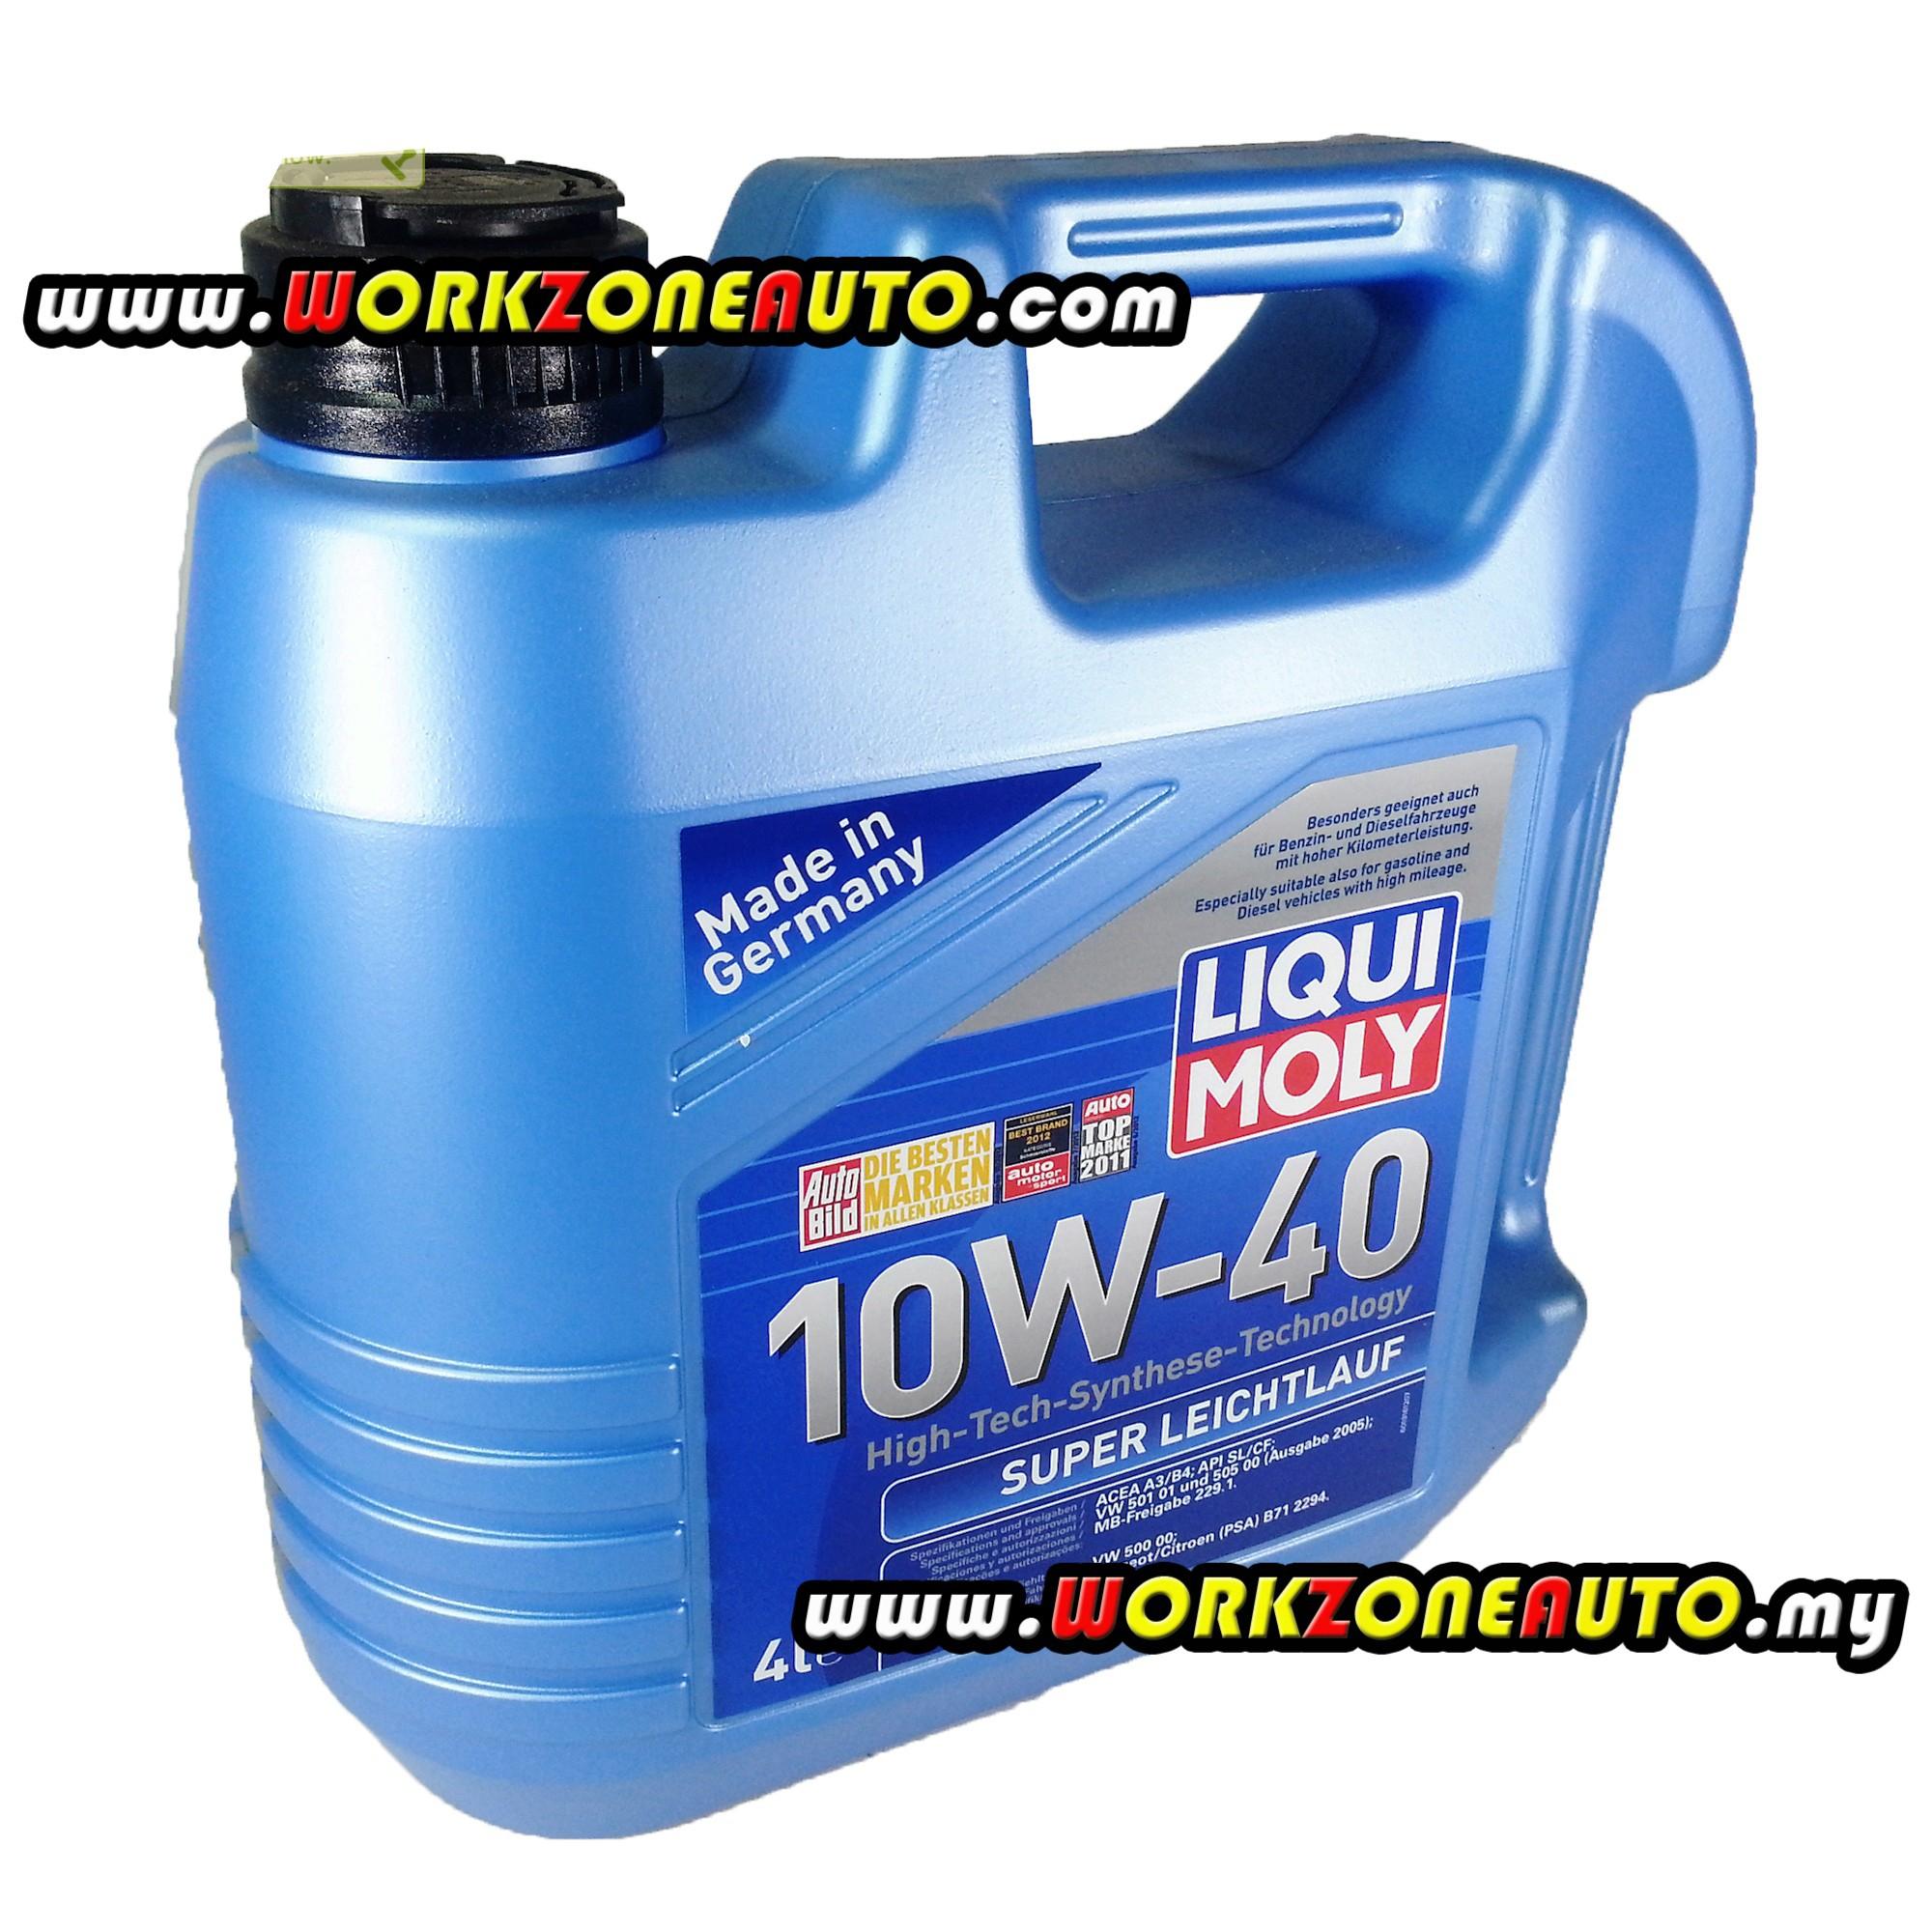 Liqui Moly Super Leichtlauf 10W40 Semi Synthetic Engine Oil 4L